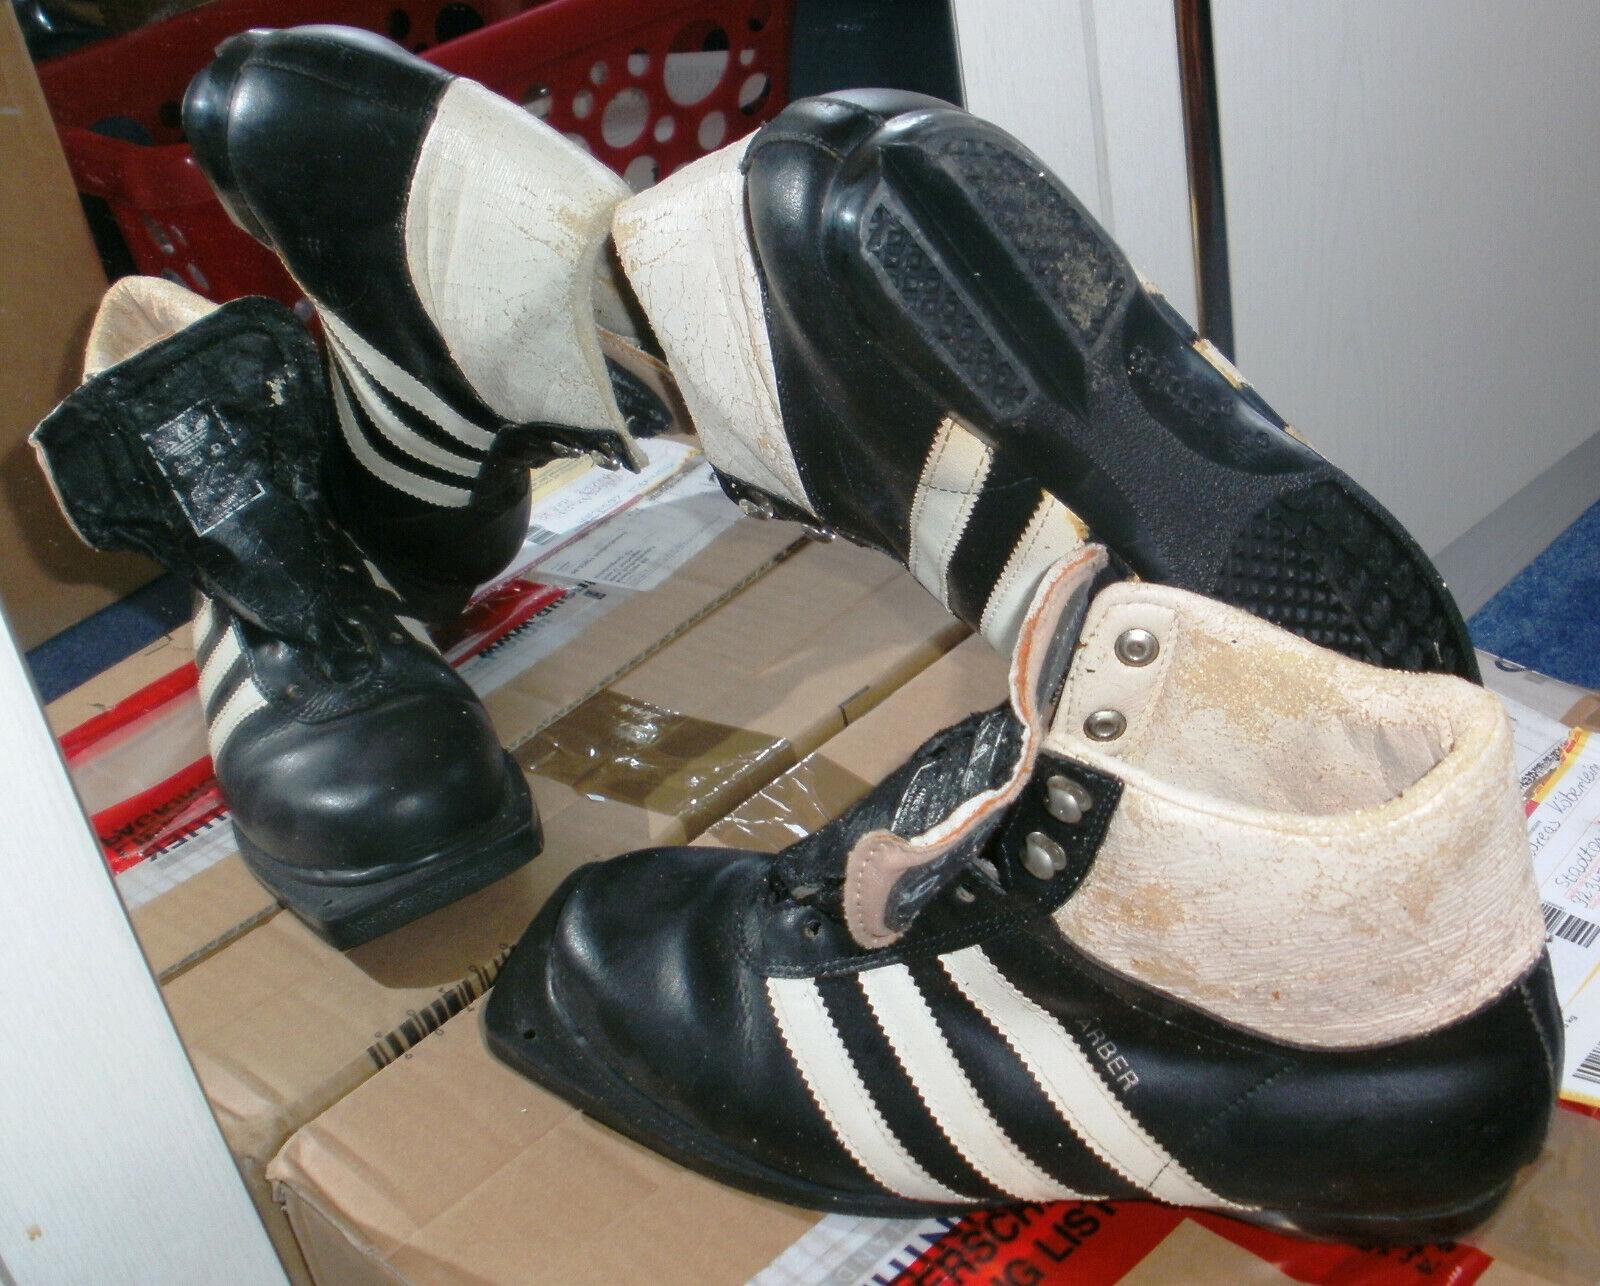 Neuwertige Adidas Ski-Langlauf-Stiefel Arber Vintage Selten, Gr. 7,5 = 41,5